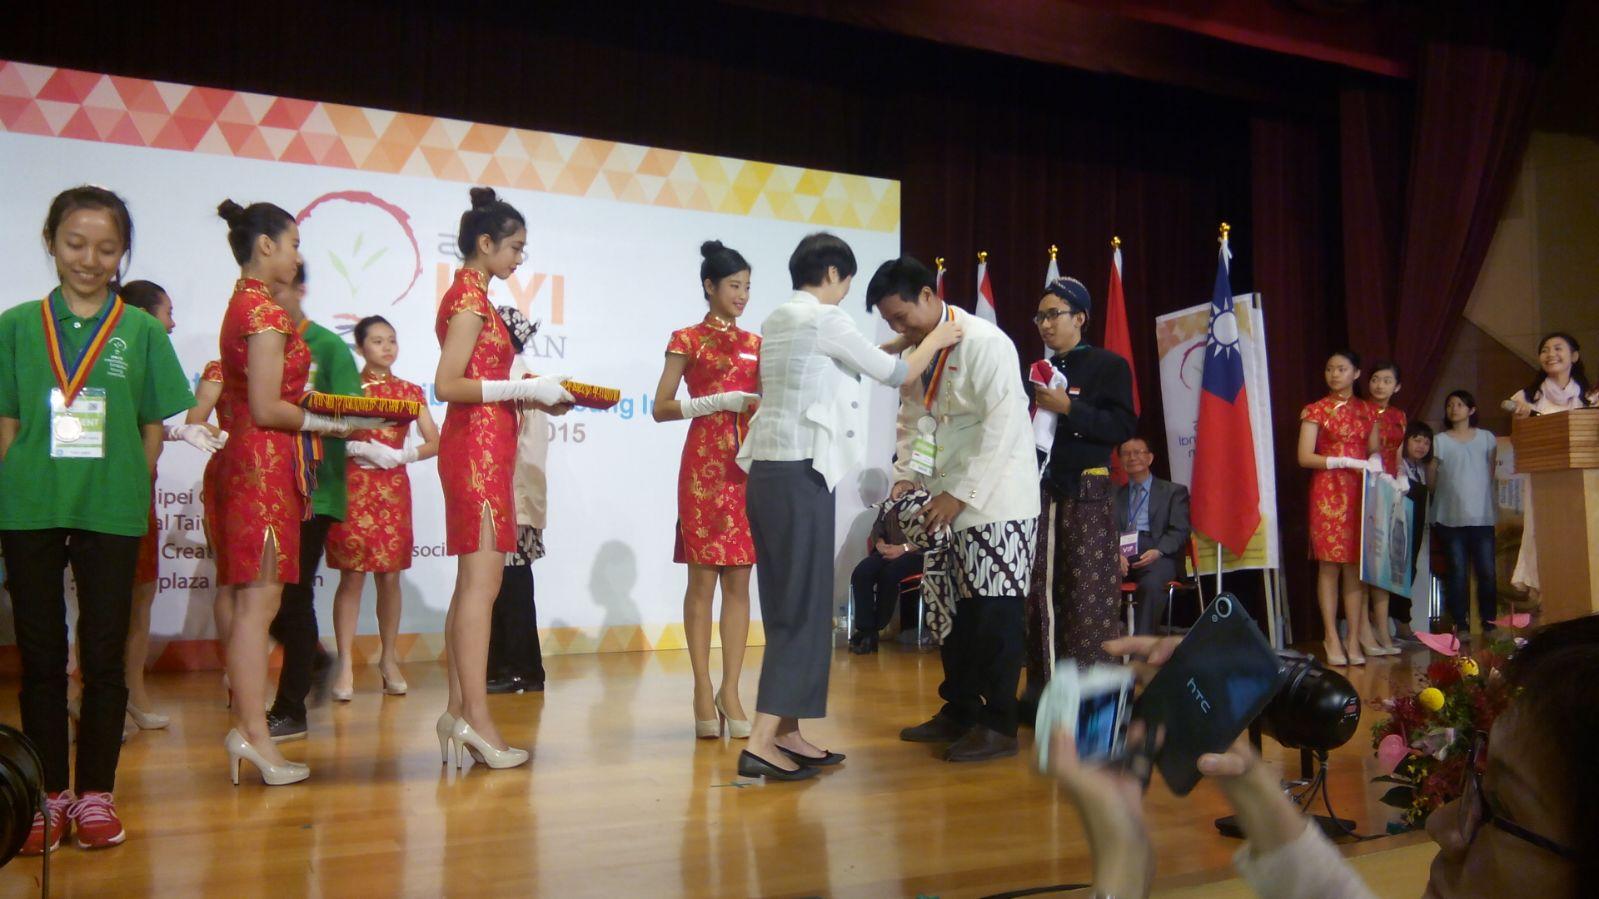 Tujuh Pelajar Indonesia Menangkan Kompetisi Teknologi Hijau Di Taiwan Okezone News